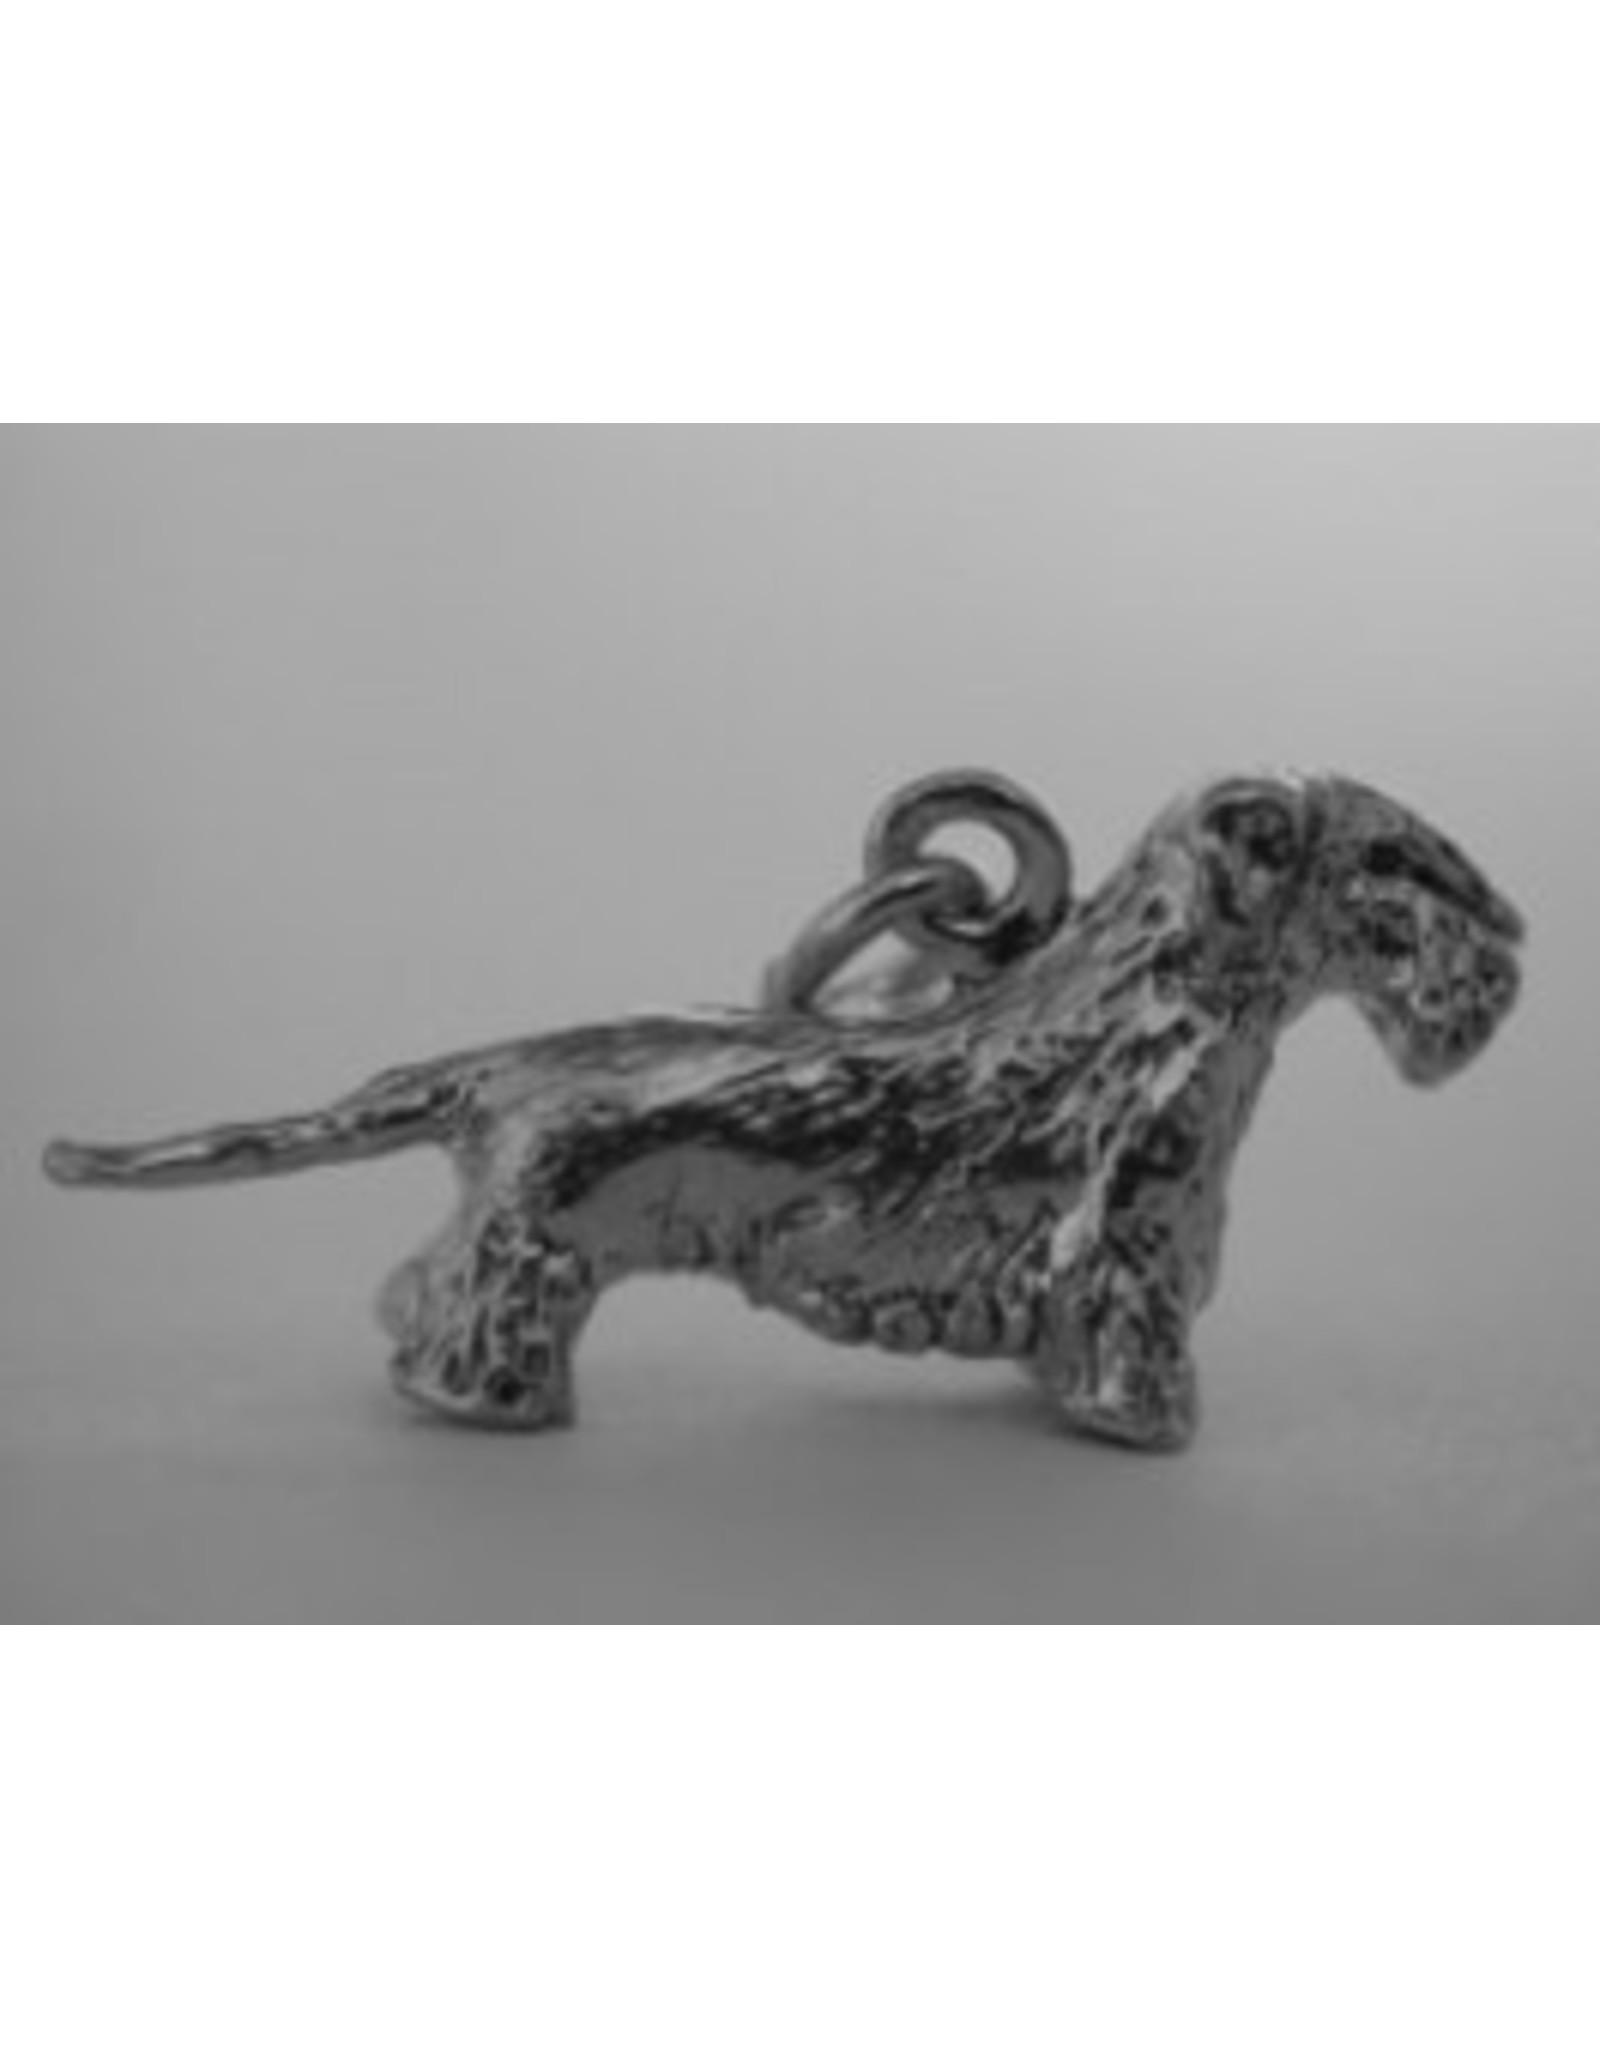 Handmade by Hanneke Weigel Zilveren Boheemse terrier (Cesky)